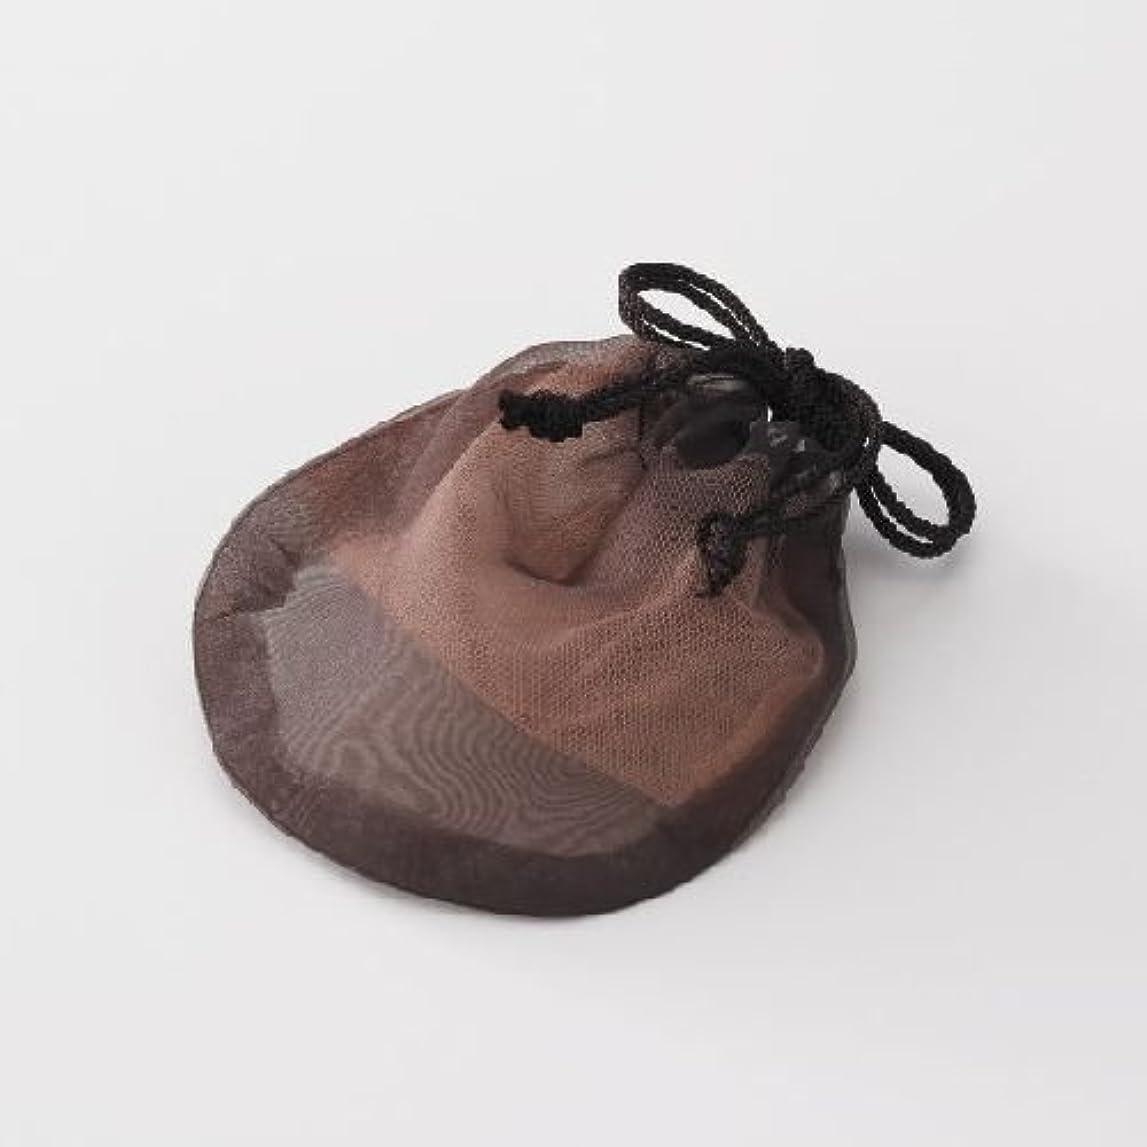 角度突然のひねくれたピギーバックス ソープネット 瞬時にマシュマロのようなお肌に負担をかけないキメ細かな泡をつくることができるオシャレなポーチ型オリジナル【泡だてネット】!衛生的に固形石鹸の保存もできます。